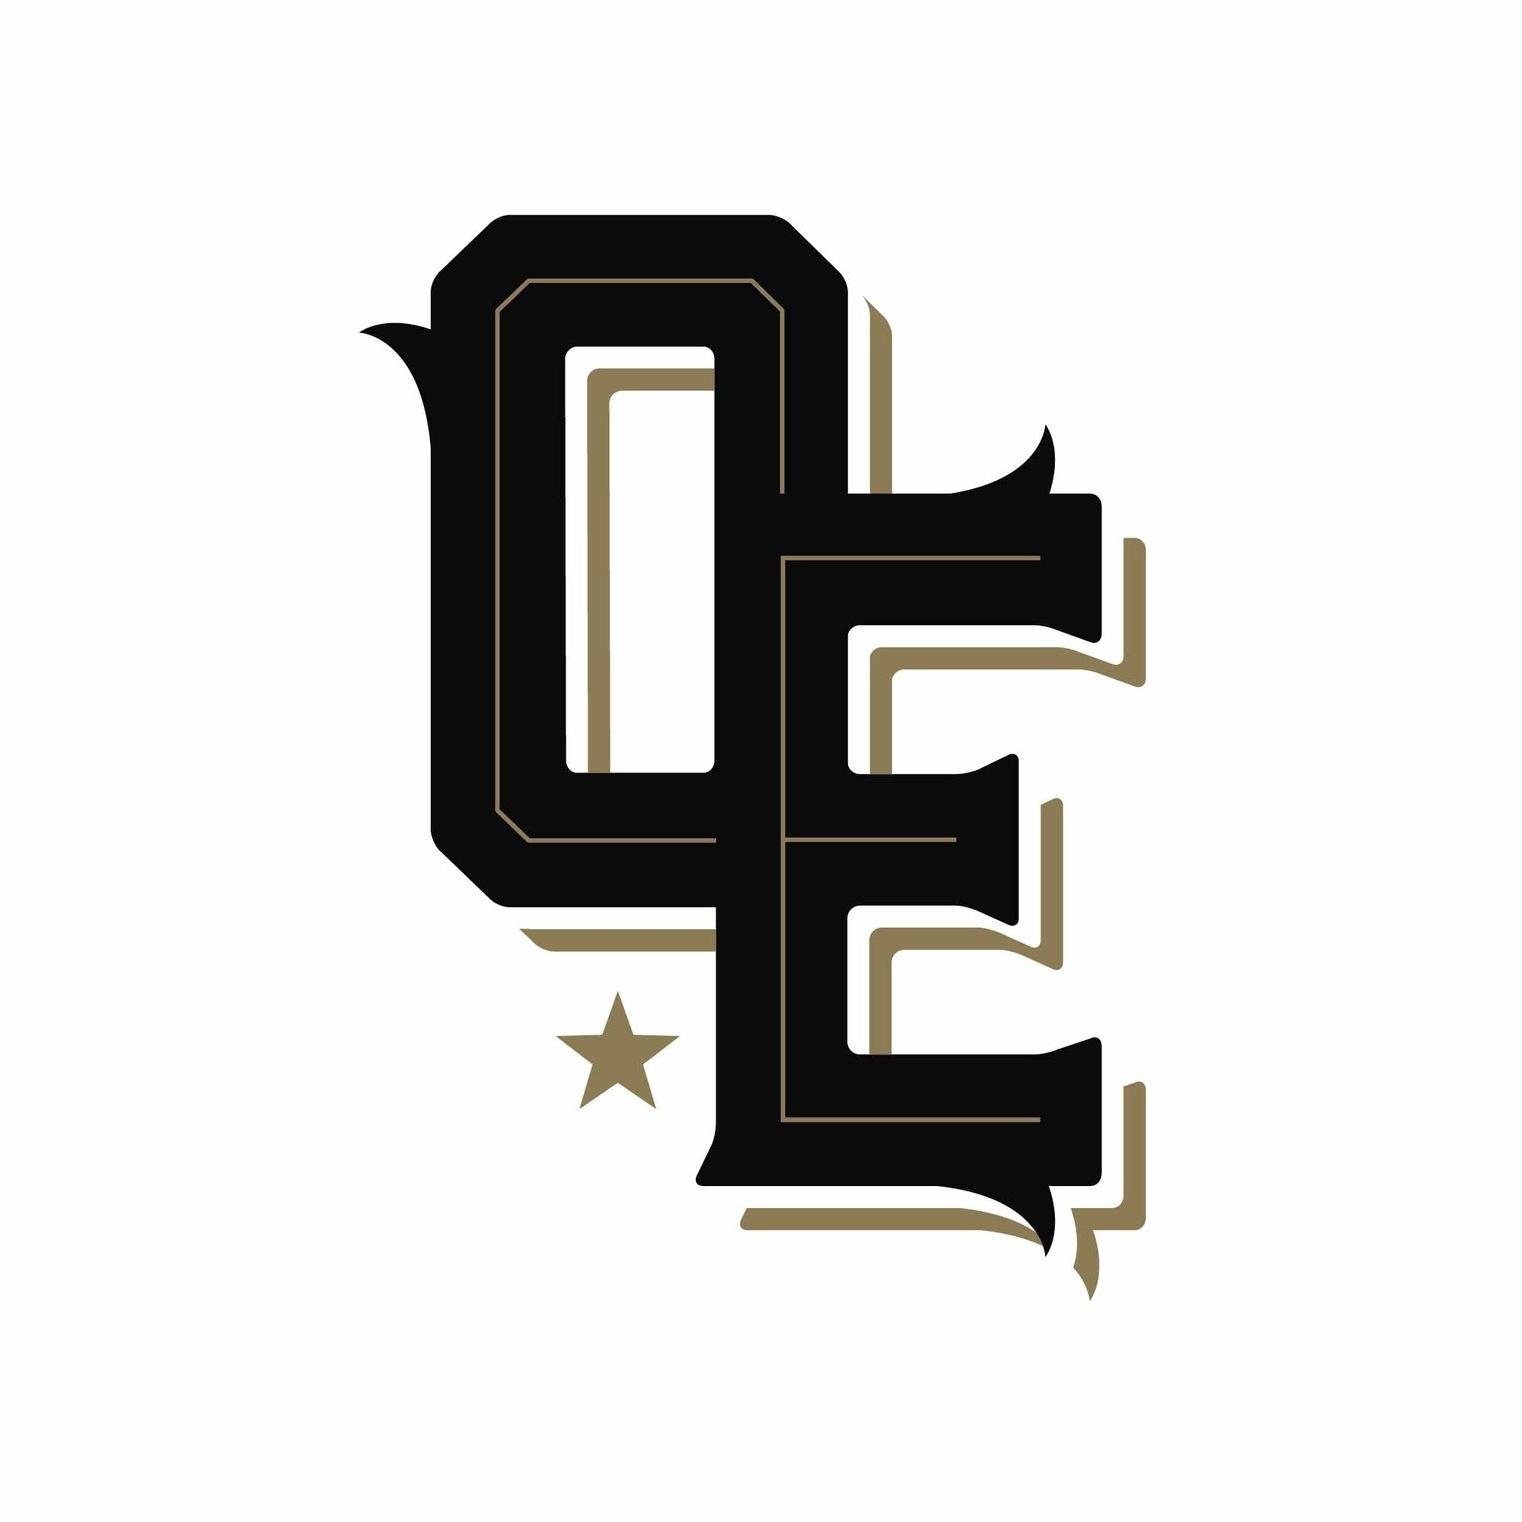 OE_Monogram-01.jpg